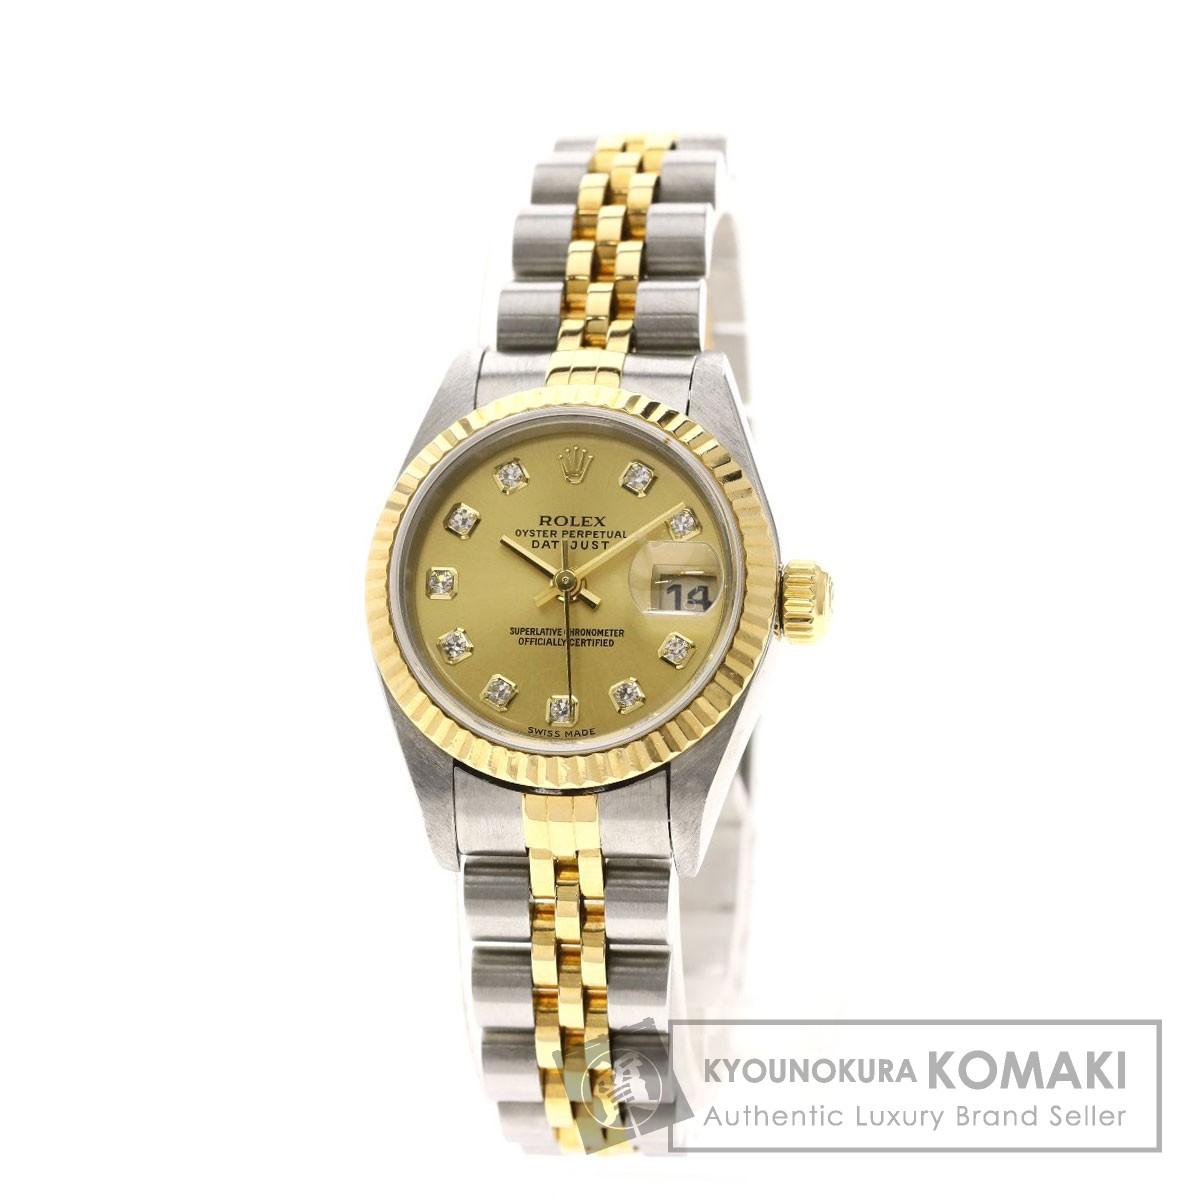 ロレックス 79173G デイトジャスト 10Pダイヤモンド 腕時計 ステンレススチール/SSxK18YG/K18YG レディース 【中古】【ROLEX】